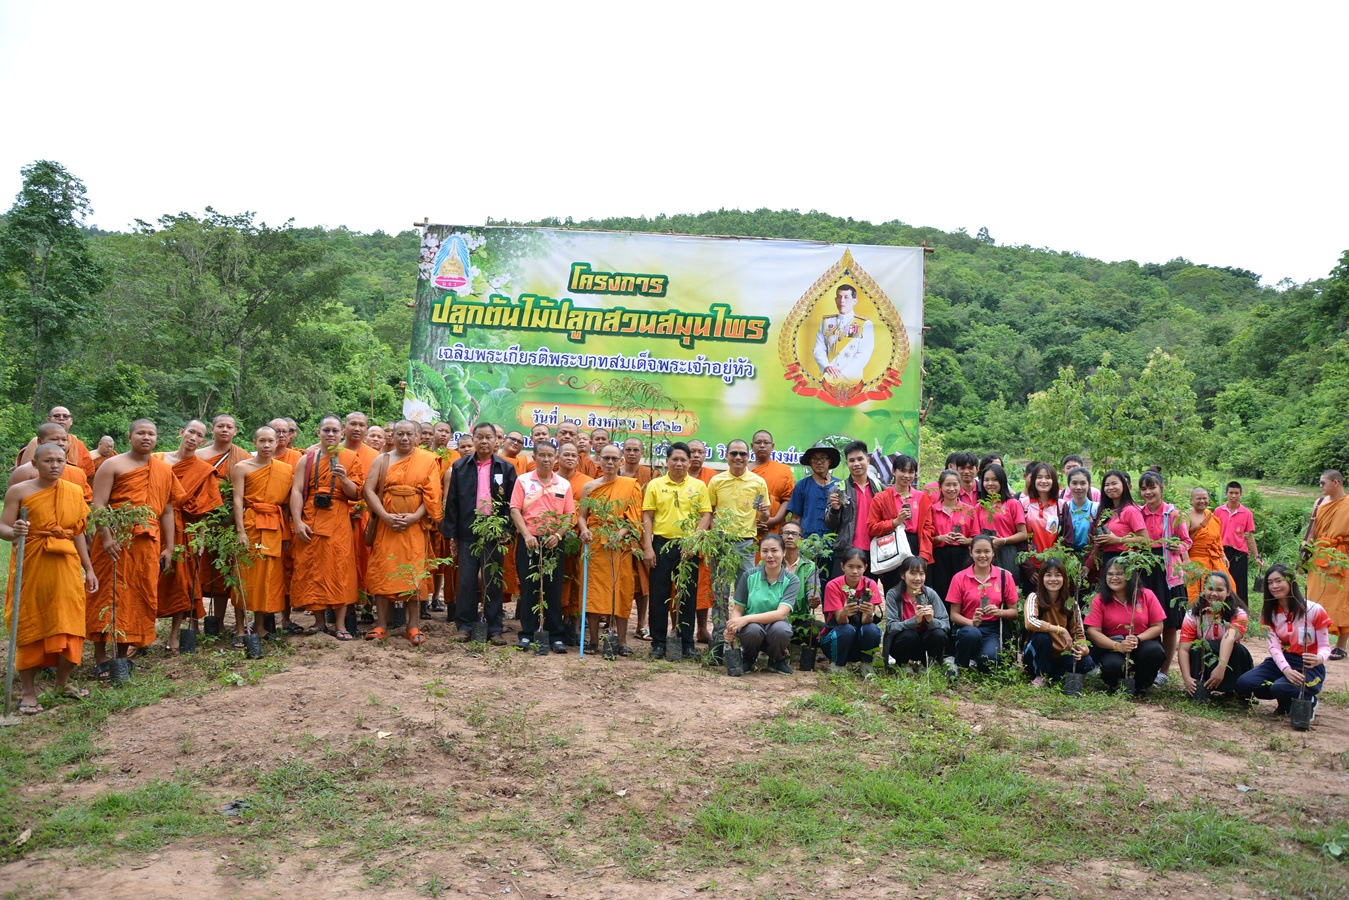 โครงการปลูกต้นไม้ปลูกสวนสมุนไพร